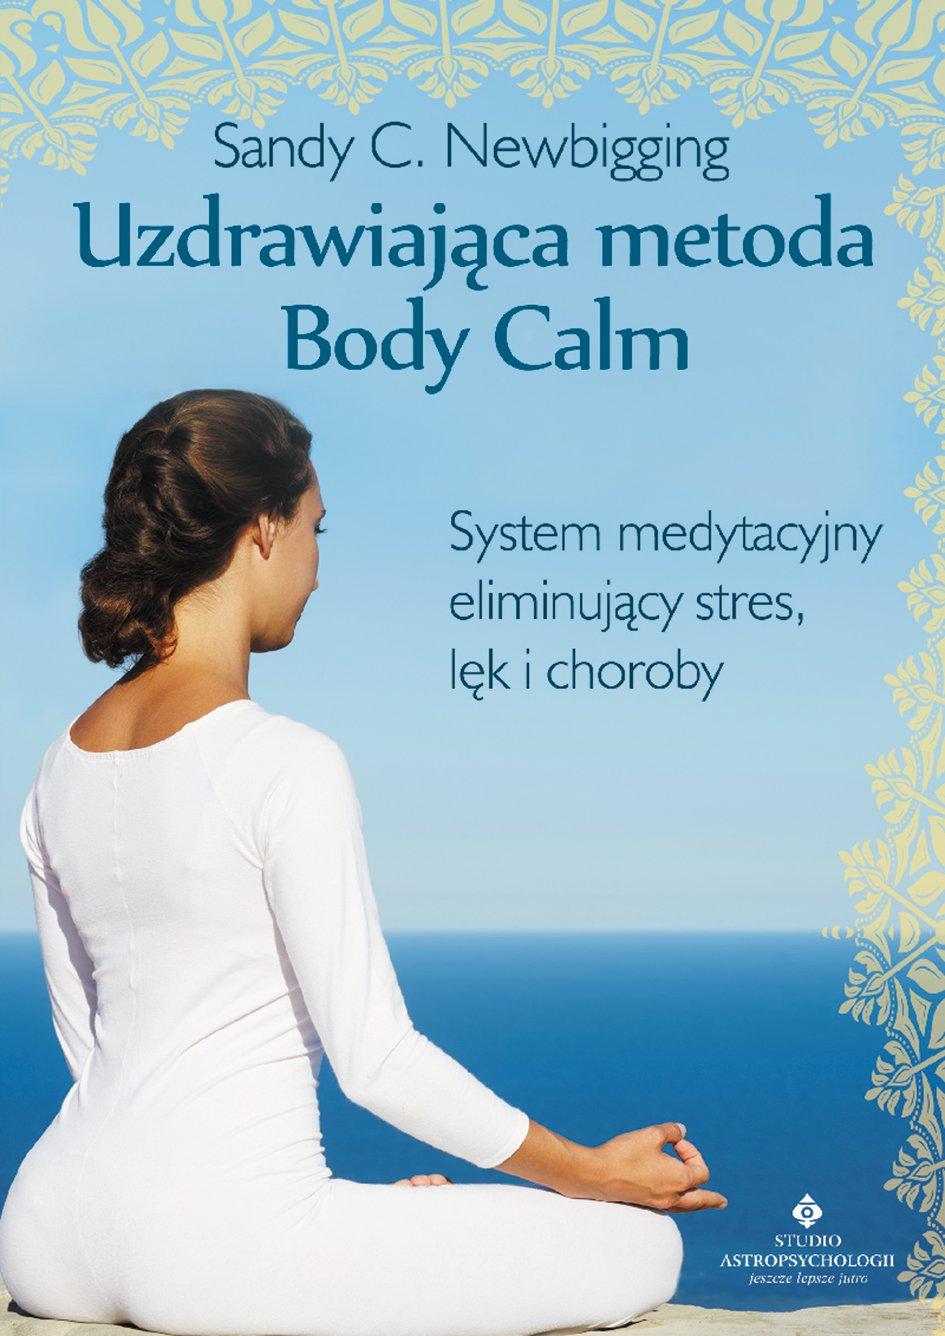 Uzdrawiająca metoda Body Calm. System medytacyjny eliminujący stres, lęk i choroby - Ebook (Książka EPUB) do pobrania w formacie EPUB